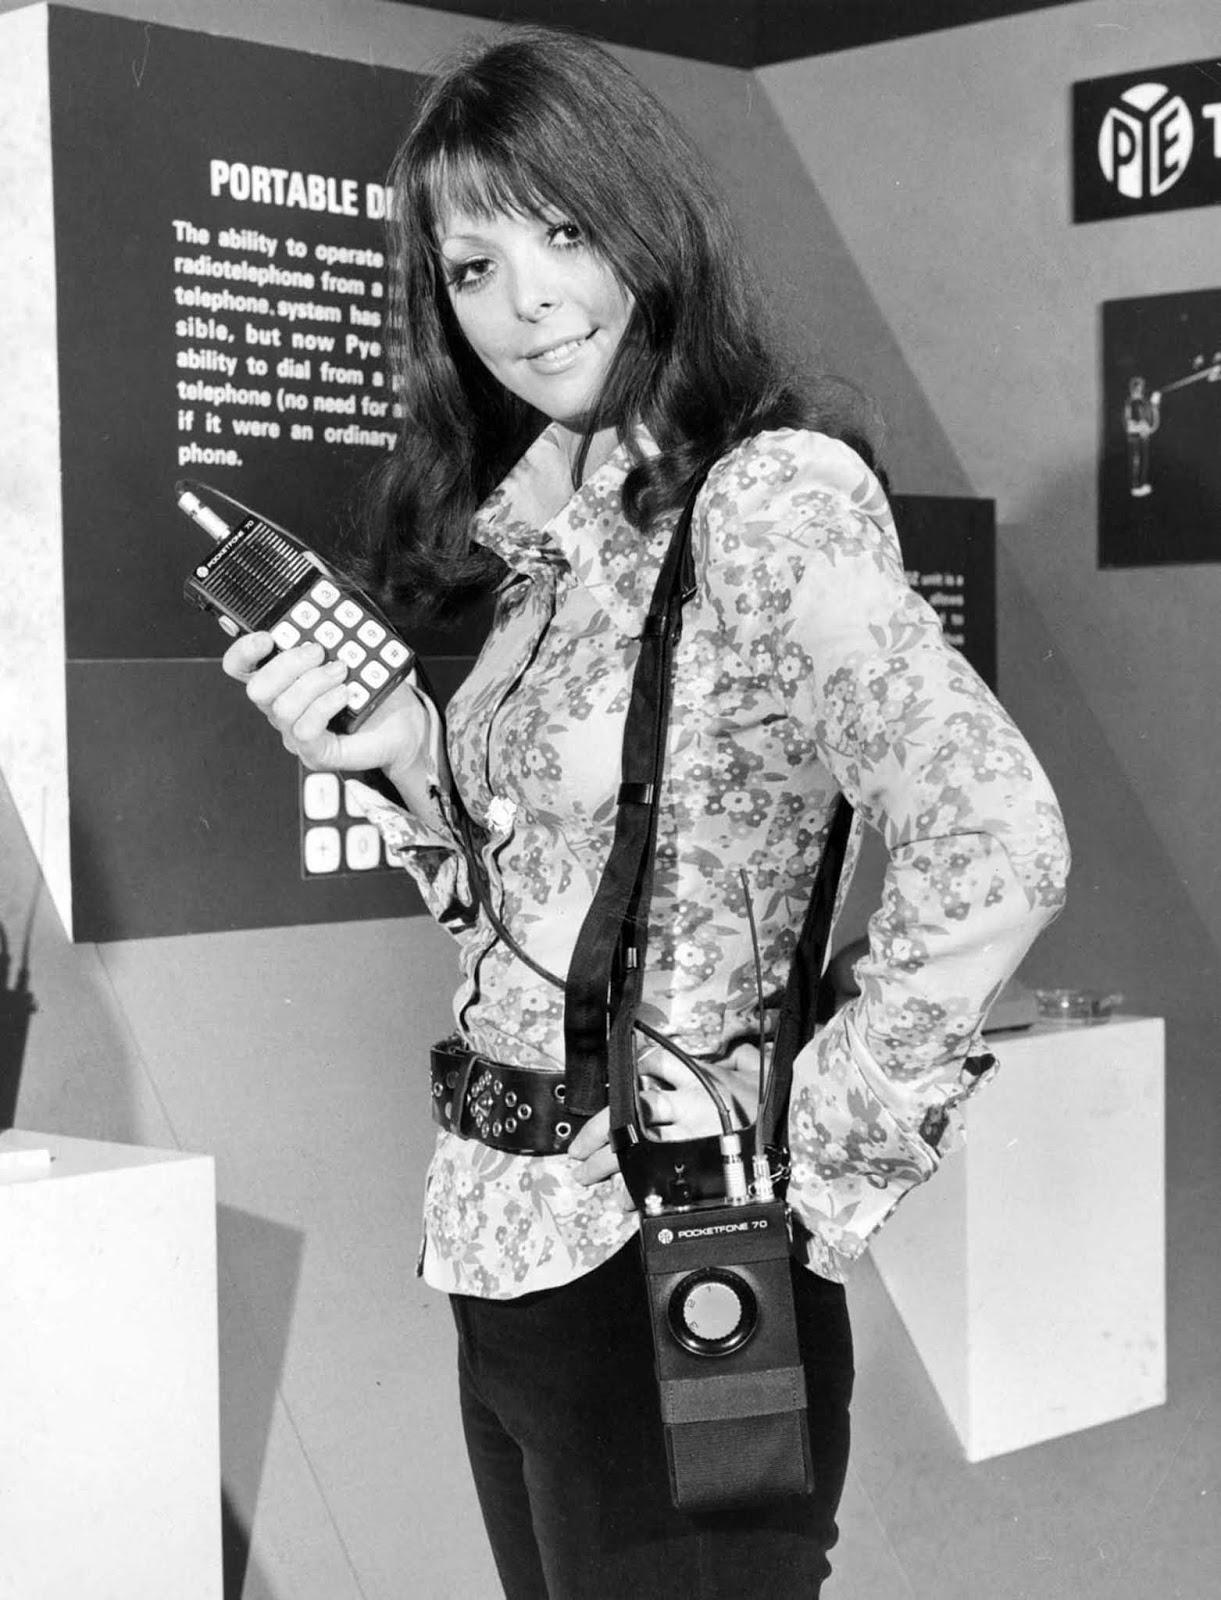 """O rádio-telefone portátil era um precursor do telefone celular. Funcionava discando para sistemas telefônicos. Aqui, um modelo exibe um cenário na exposição """"Communications Today, Tomorrow and the Future"""" no Royal Lancaster Hotel, London. 1973."""